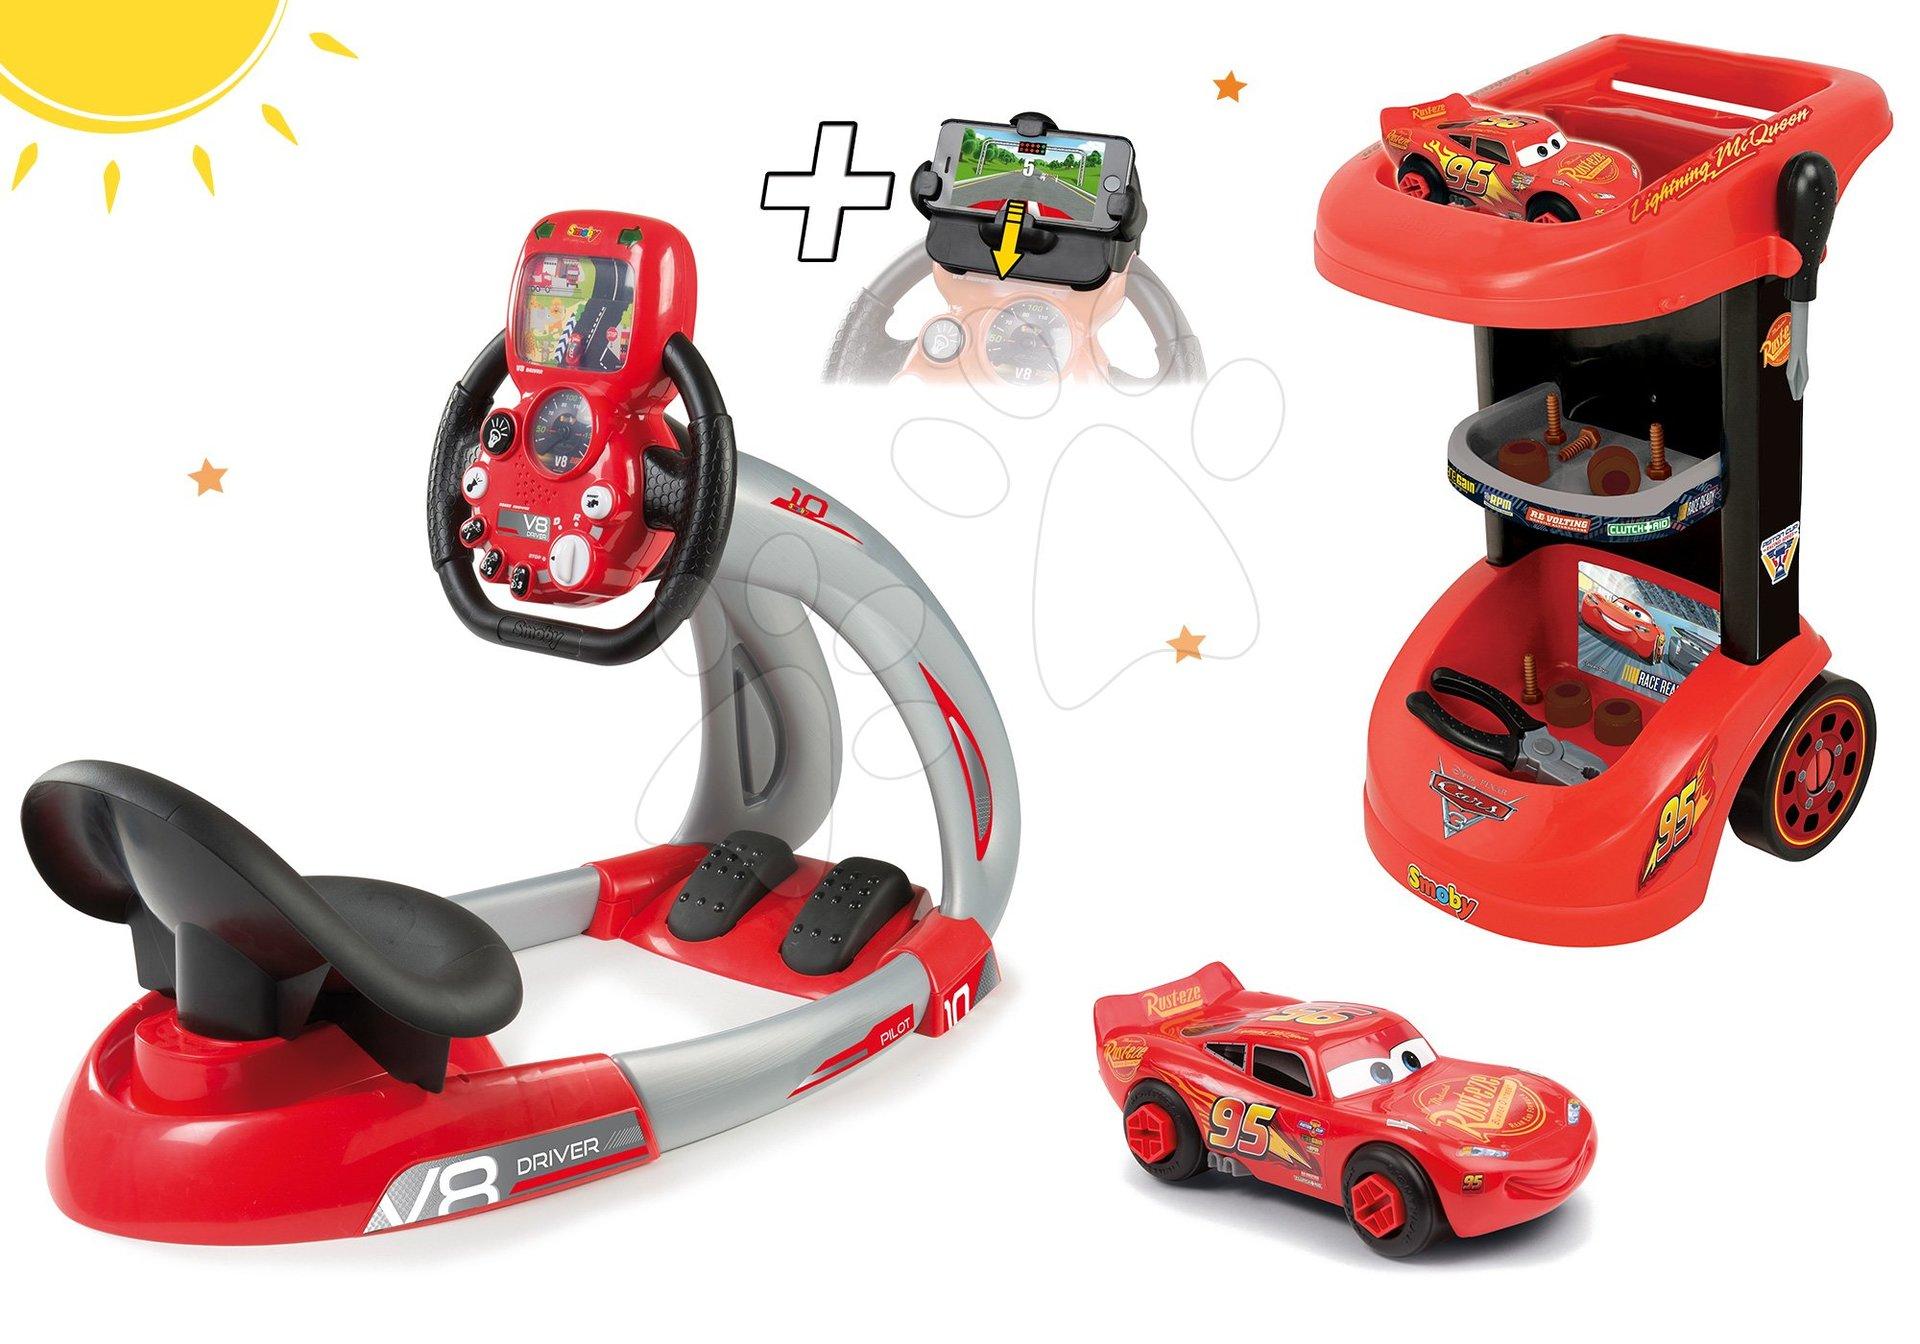 Smoby pracovní vozík pro děti Cars a elektronický trenažér V8 Driver 360209-7